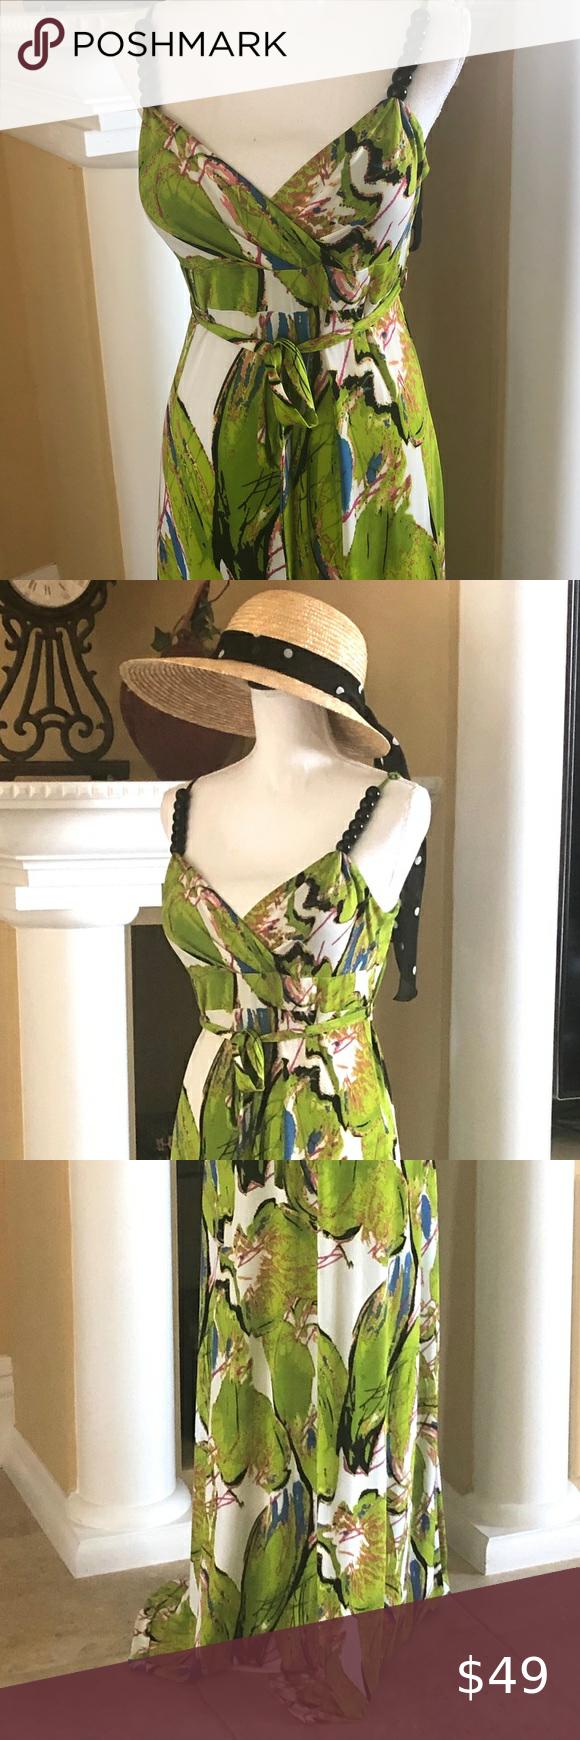 Summer Dress Maxi Essential Dress Summer Dresses Summer Maxi Dress [ 1740 x 580 Pixel ]